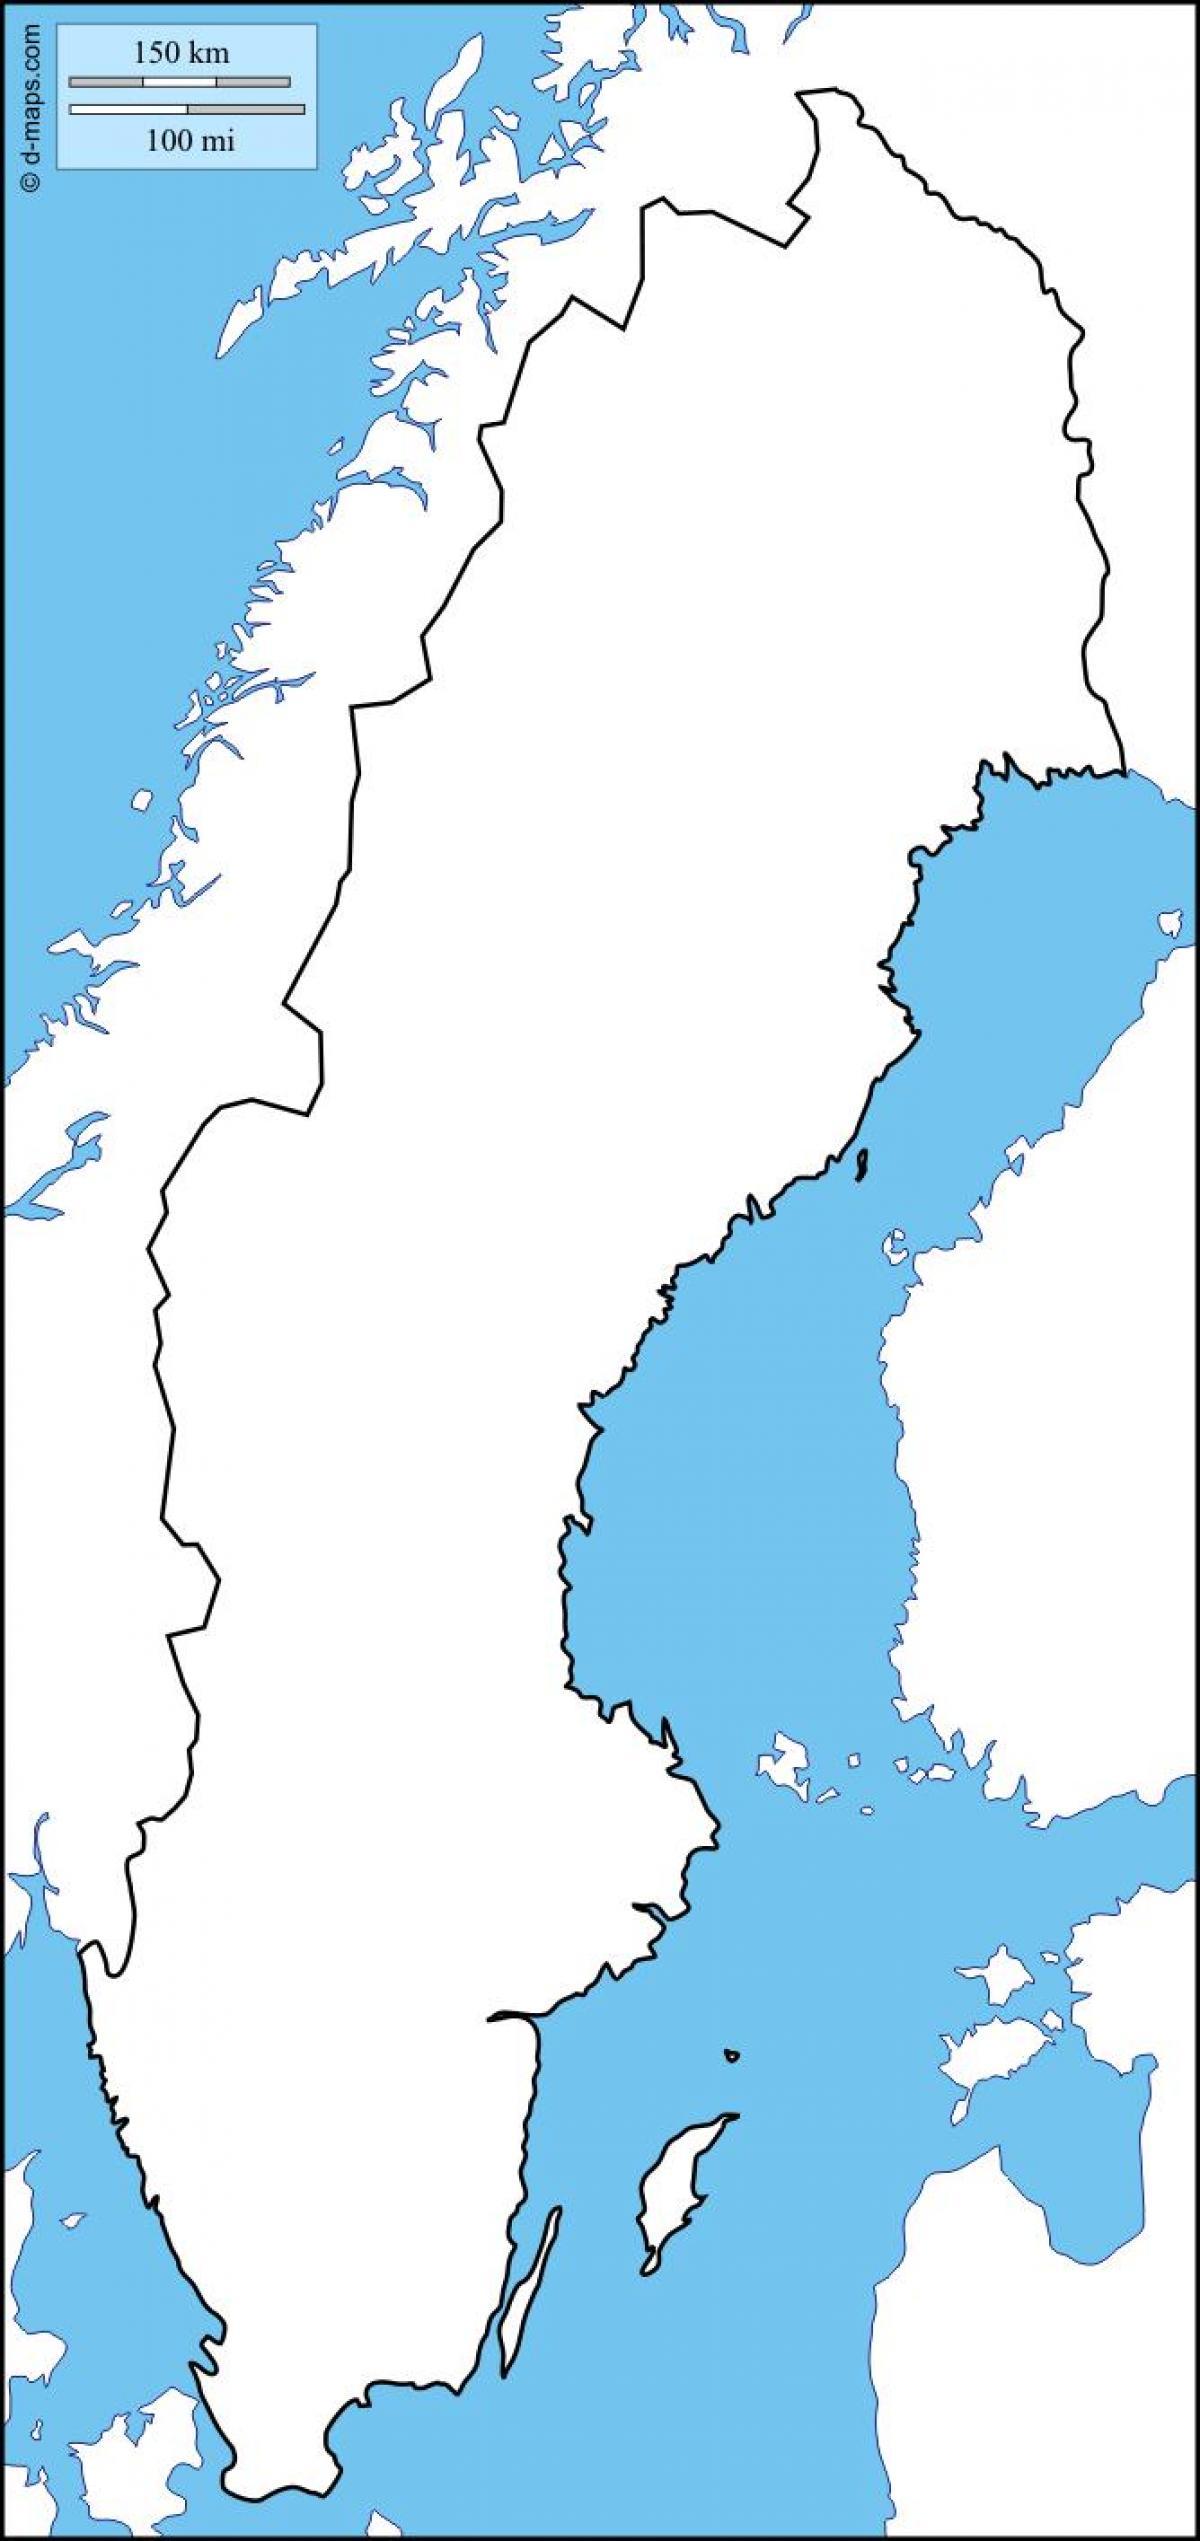 Svedsko Prazdne Mape Slepa Mapa Svedsko Severni Evropa Evropa